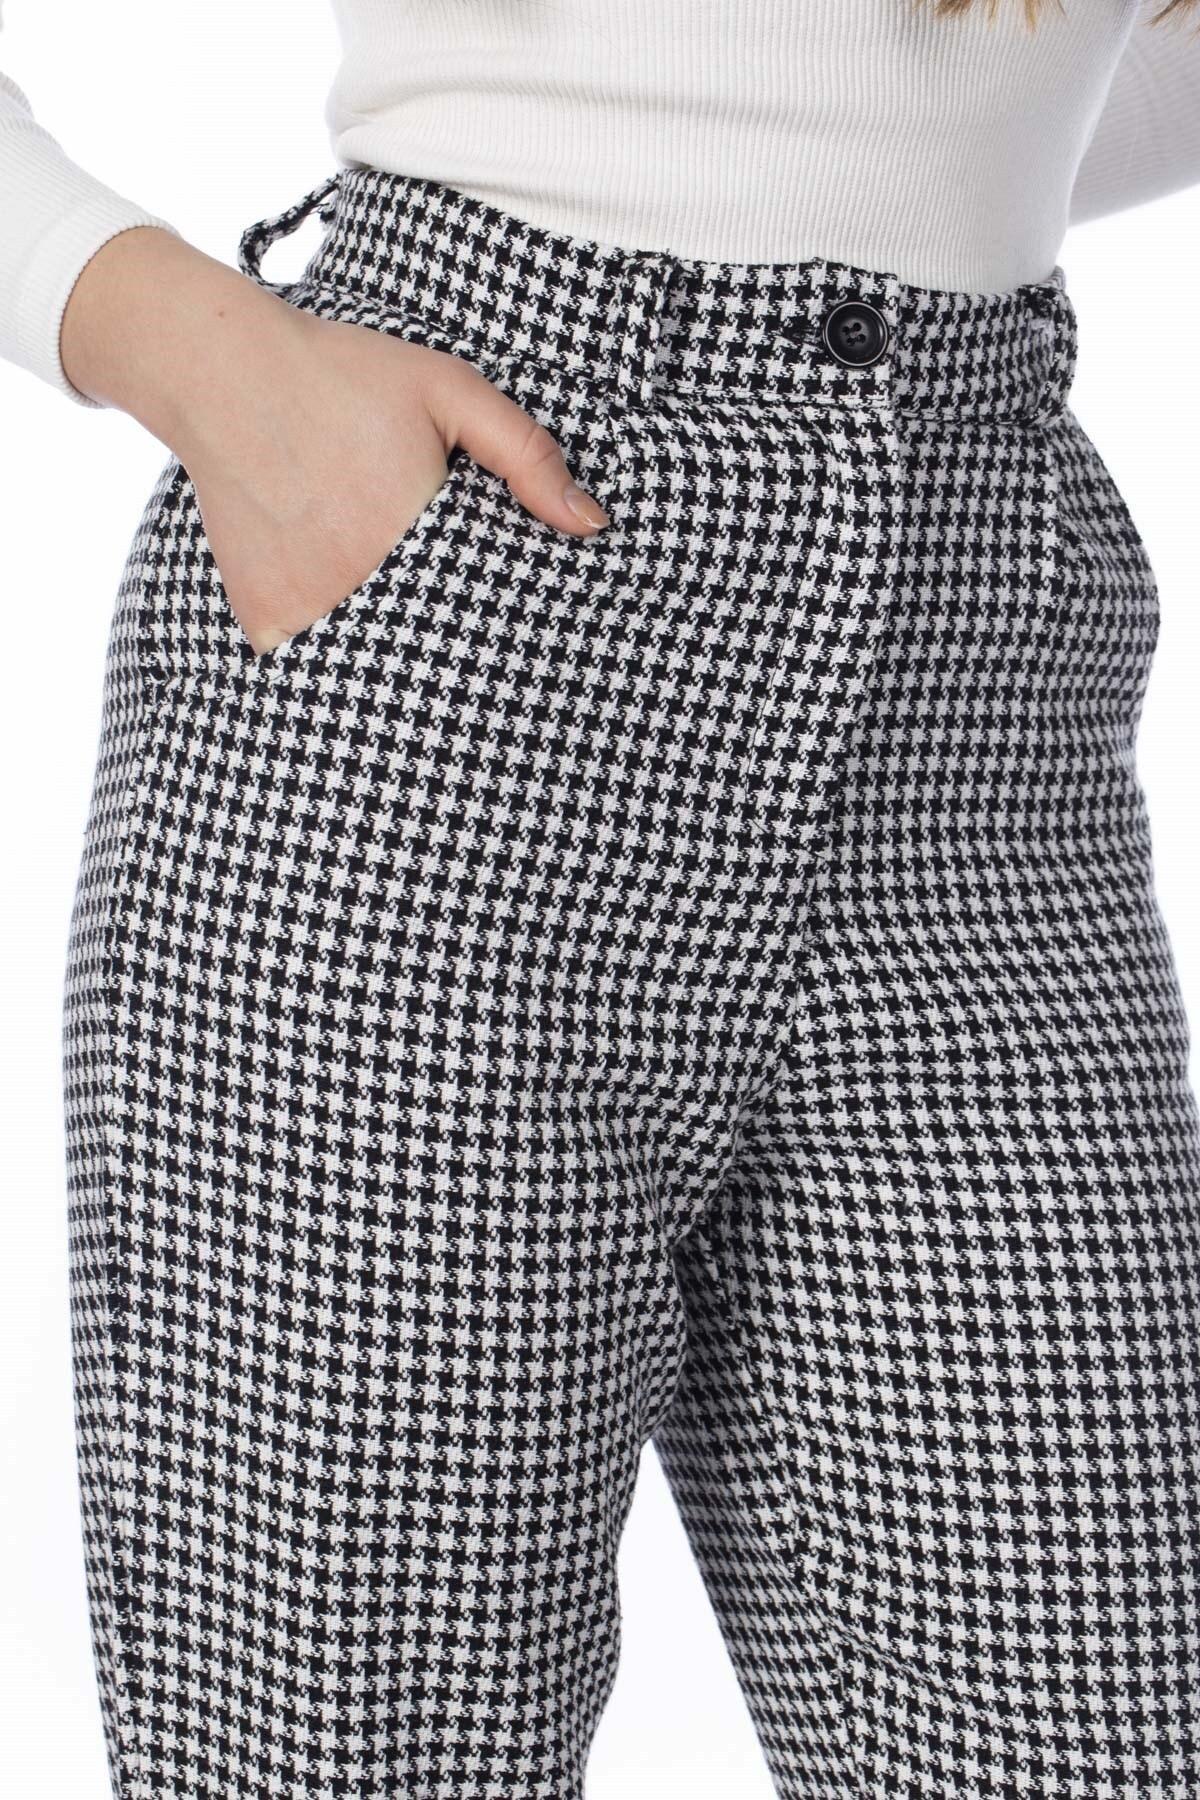 BARRELS AND OIL Kadın Siyah/Beyaz Kazayağı Desenli Pantolon 818-19K04002.91 2